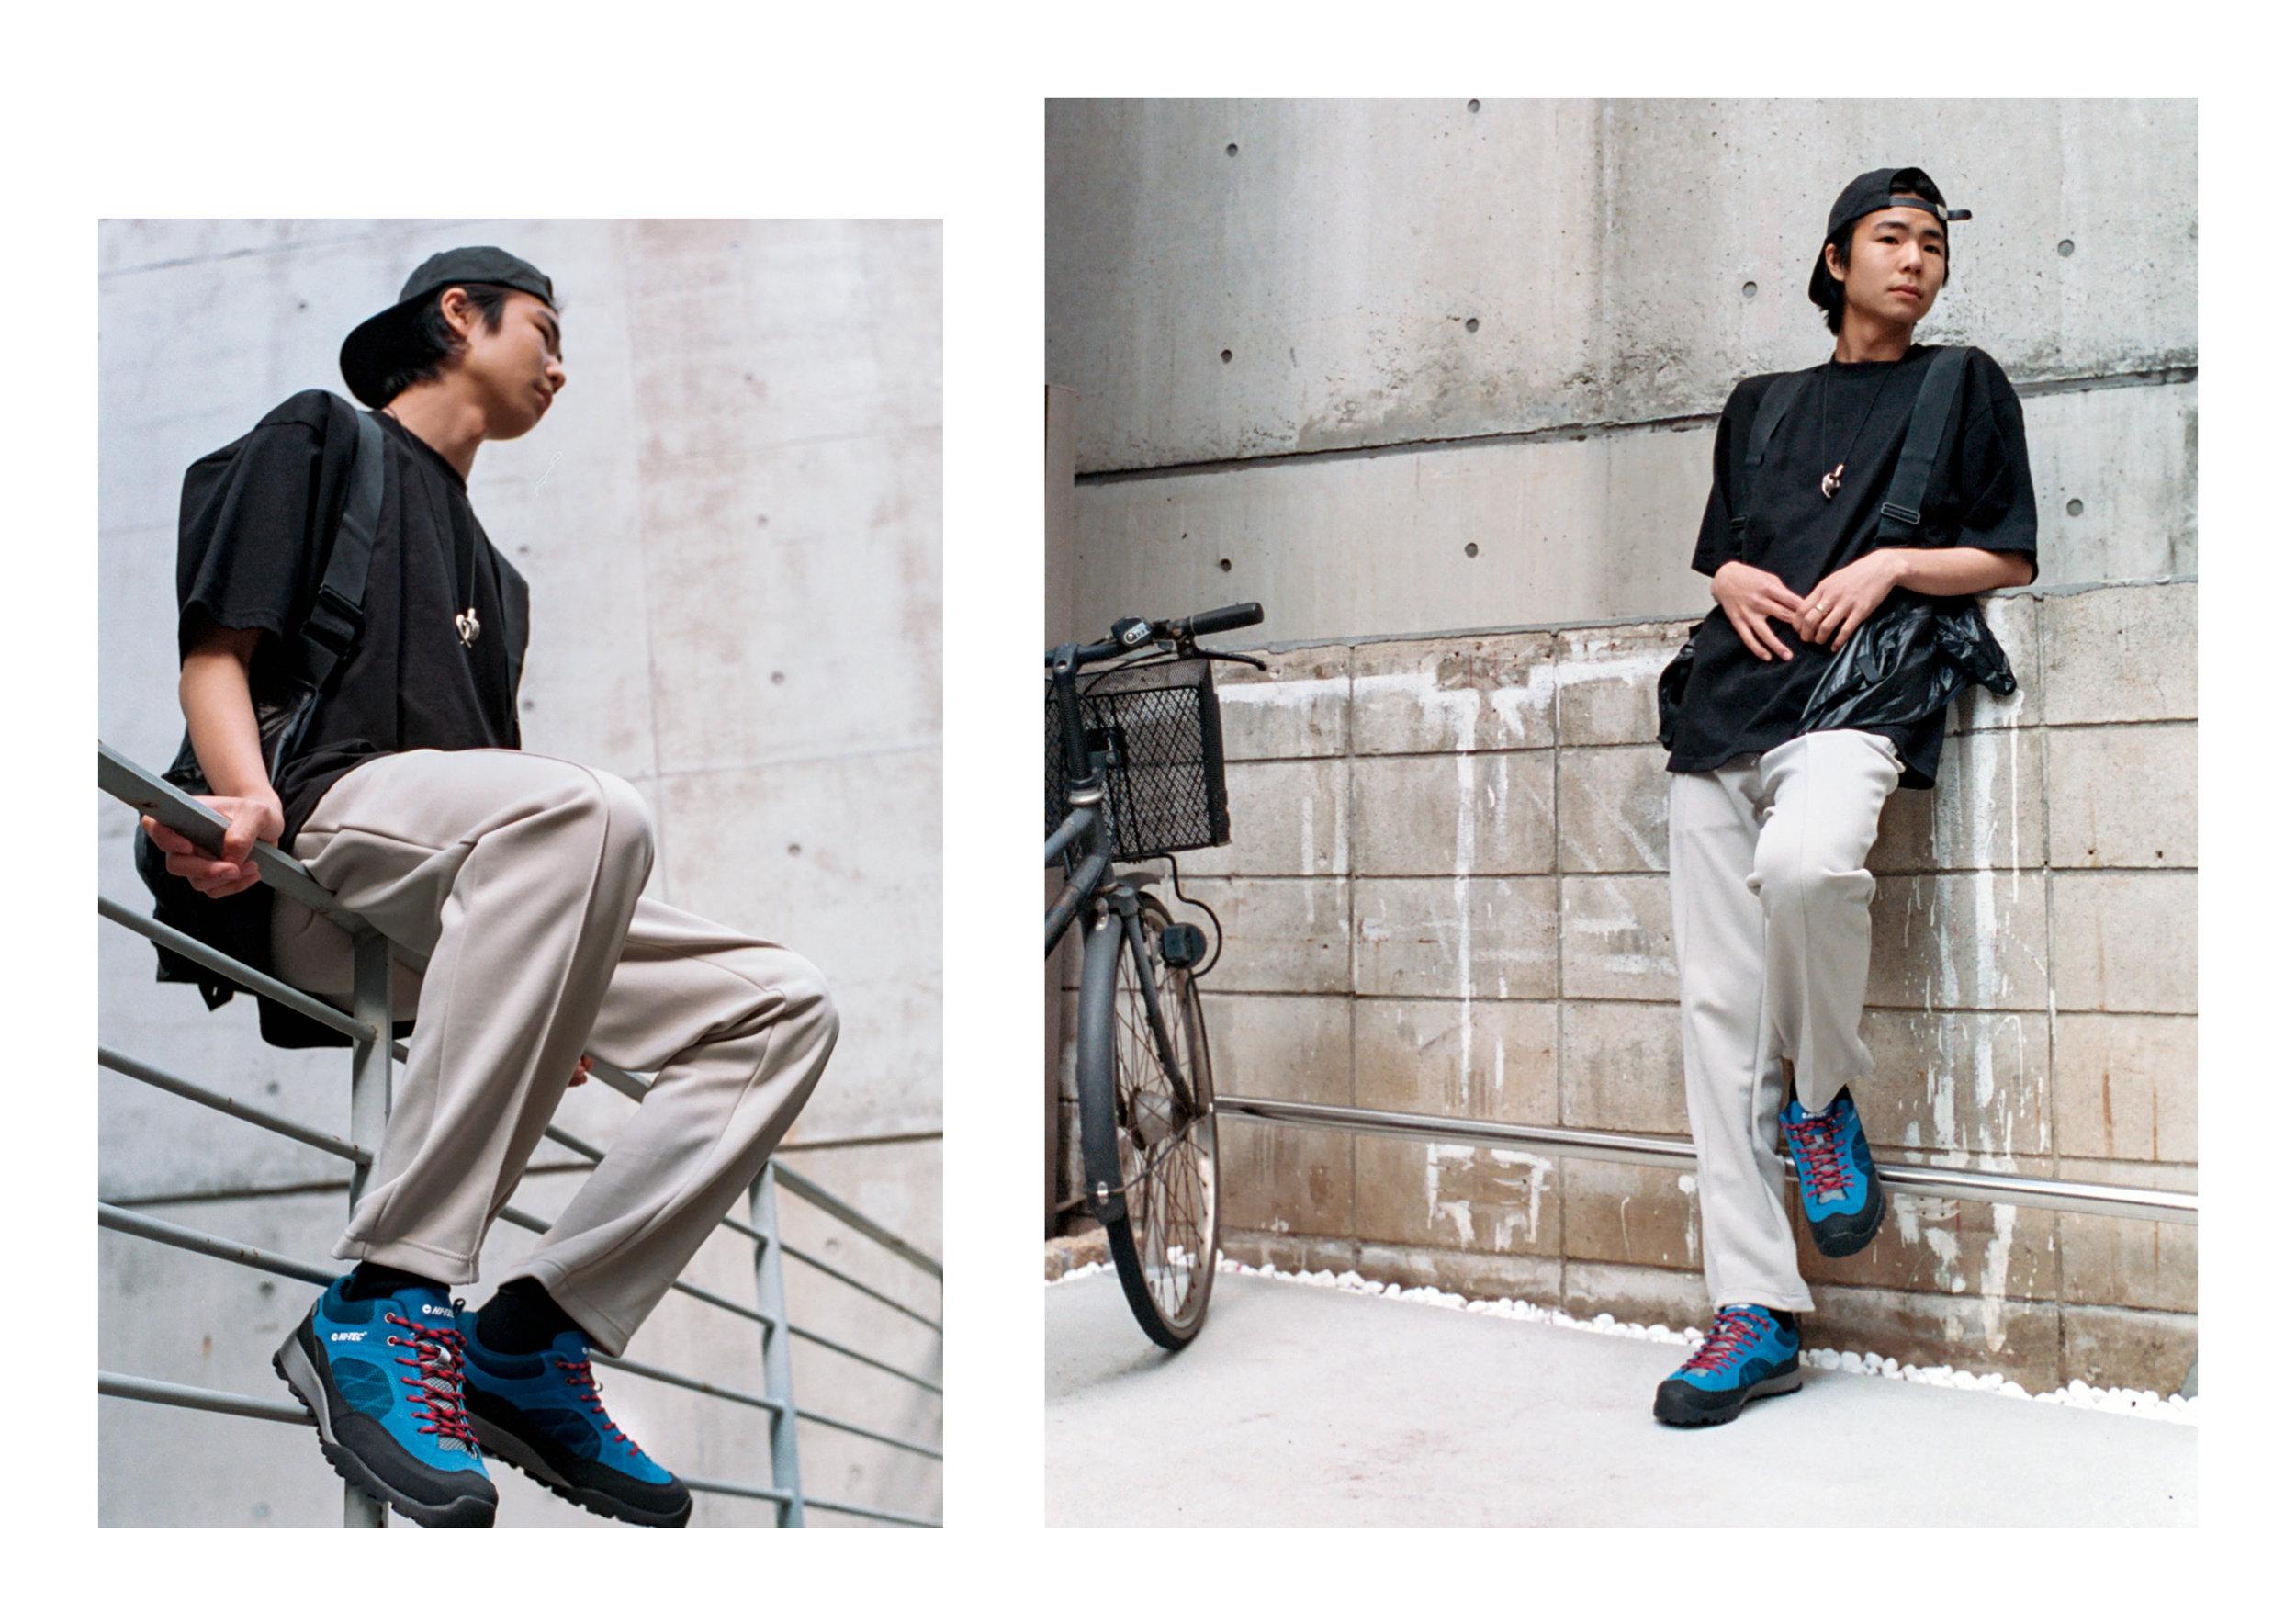 Top & Pants - Hi Tec HTS74, Footwear - Hi Tec Japan, Bag - Sasquatchfabrix, Hat - Norse Projects